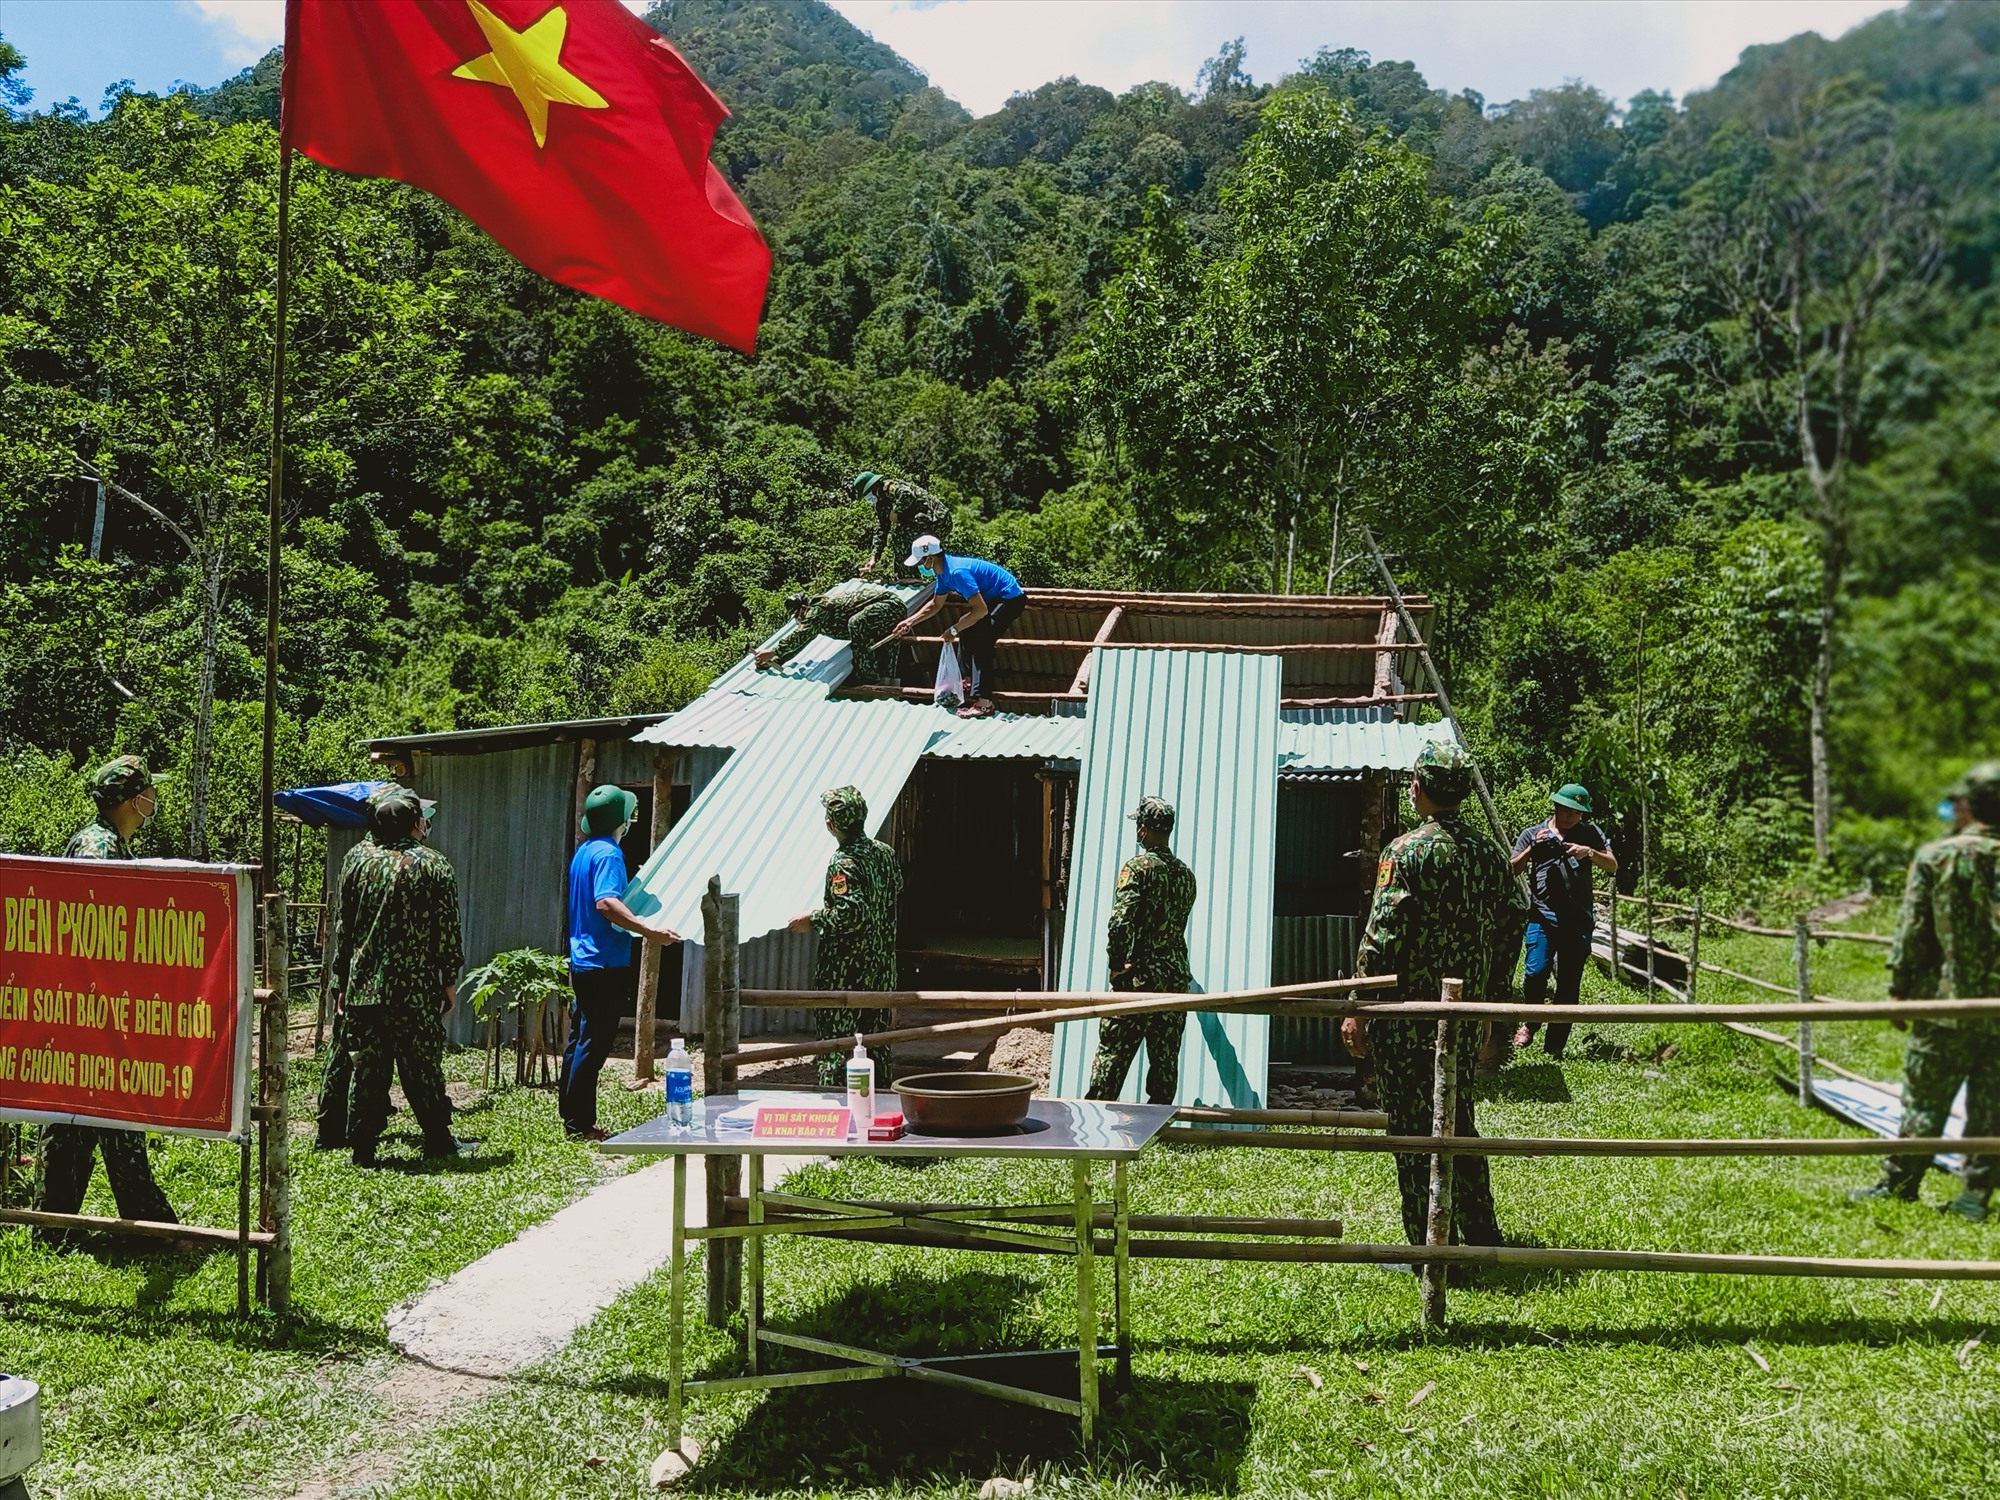 Đoàn viên thanh niên hỗ trợ cán bộ, chiến sĩ chốt 680 lợp mái tôn lán trại. Ảnh: HOÀNG LIÊN